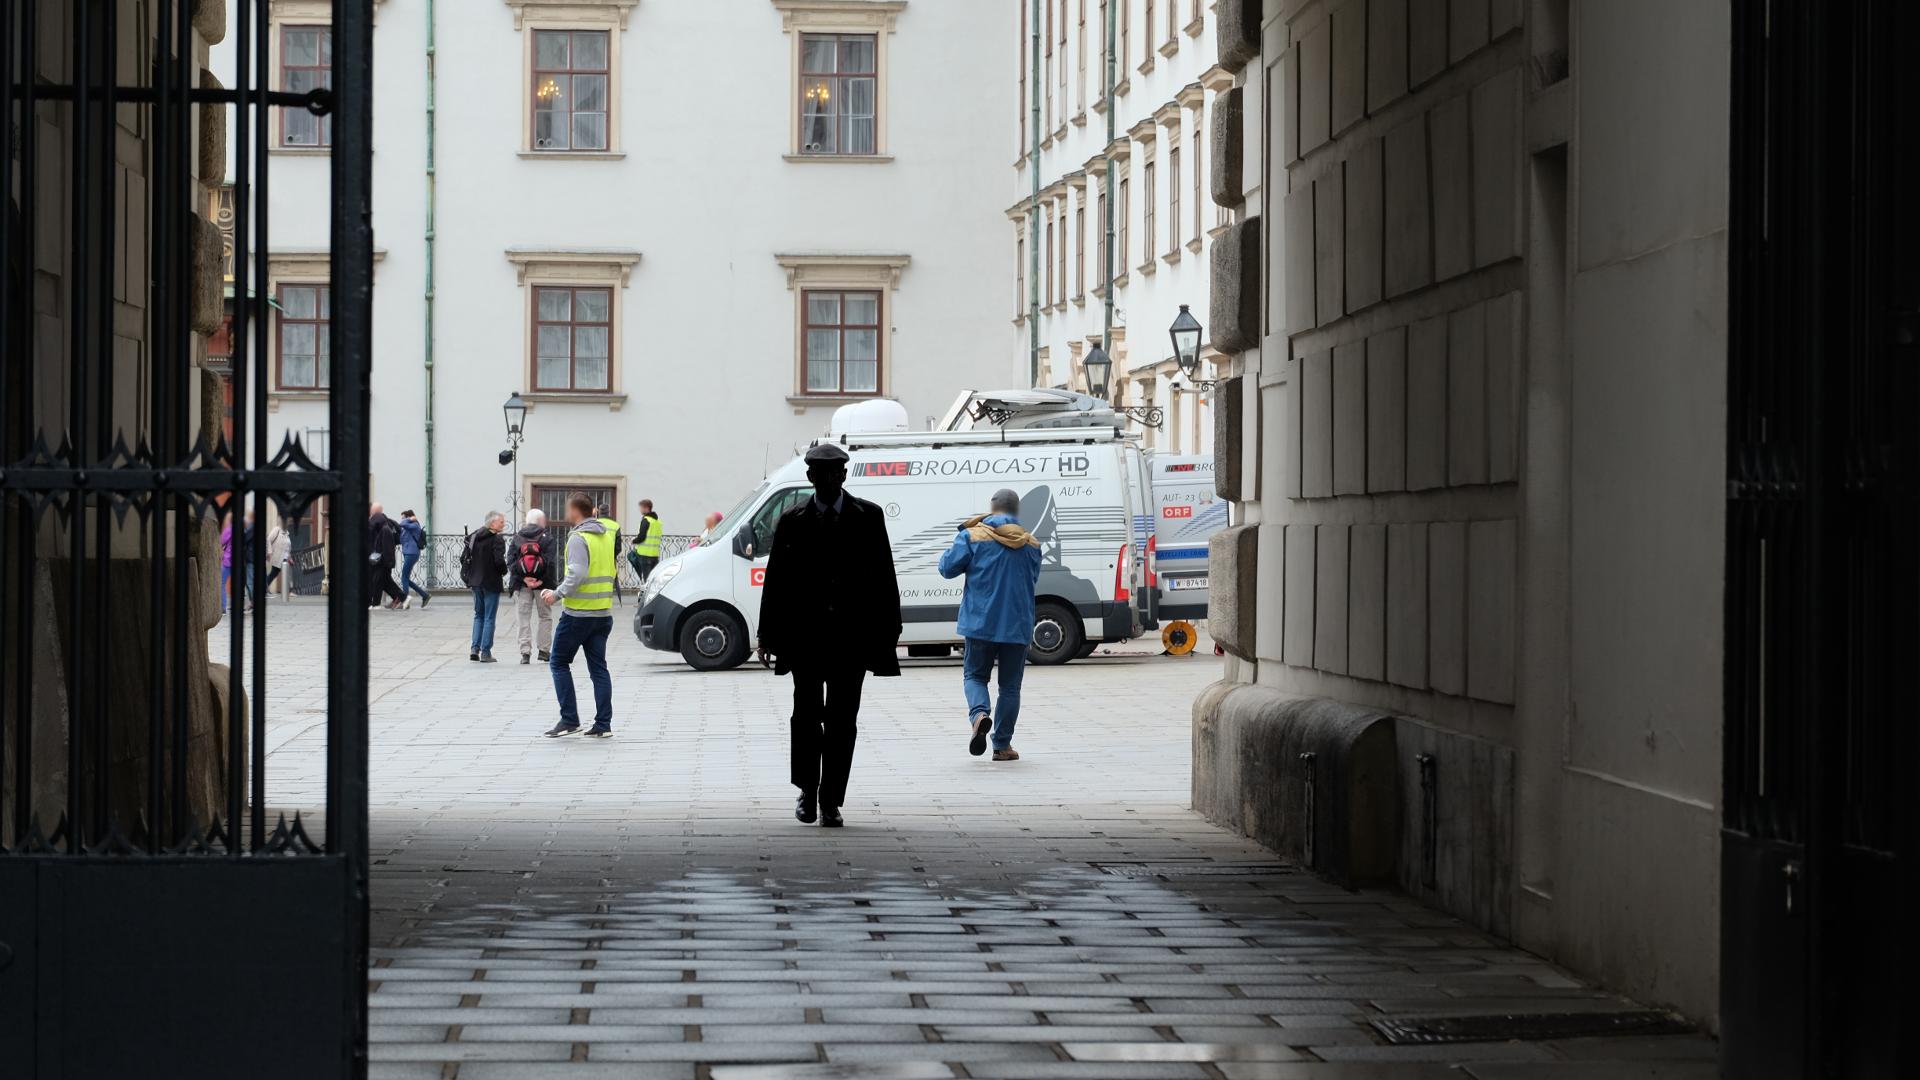 Bierlein-Bundeskanzlerin-Bundespräsident-Minister-Unbekannt-Hofburg